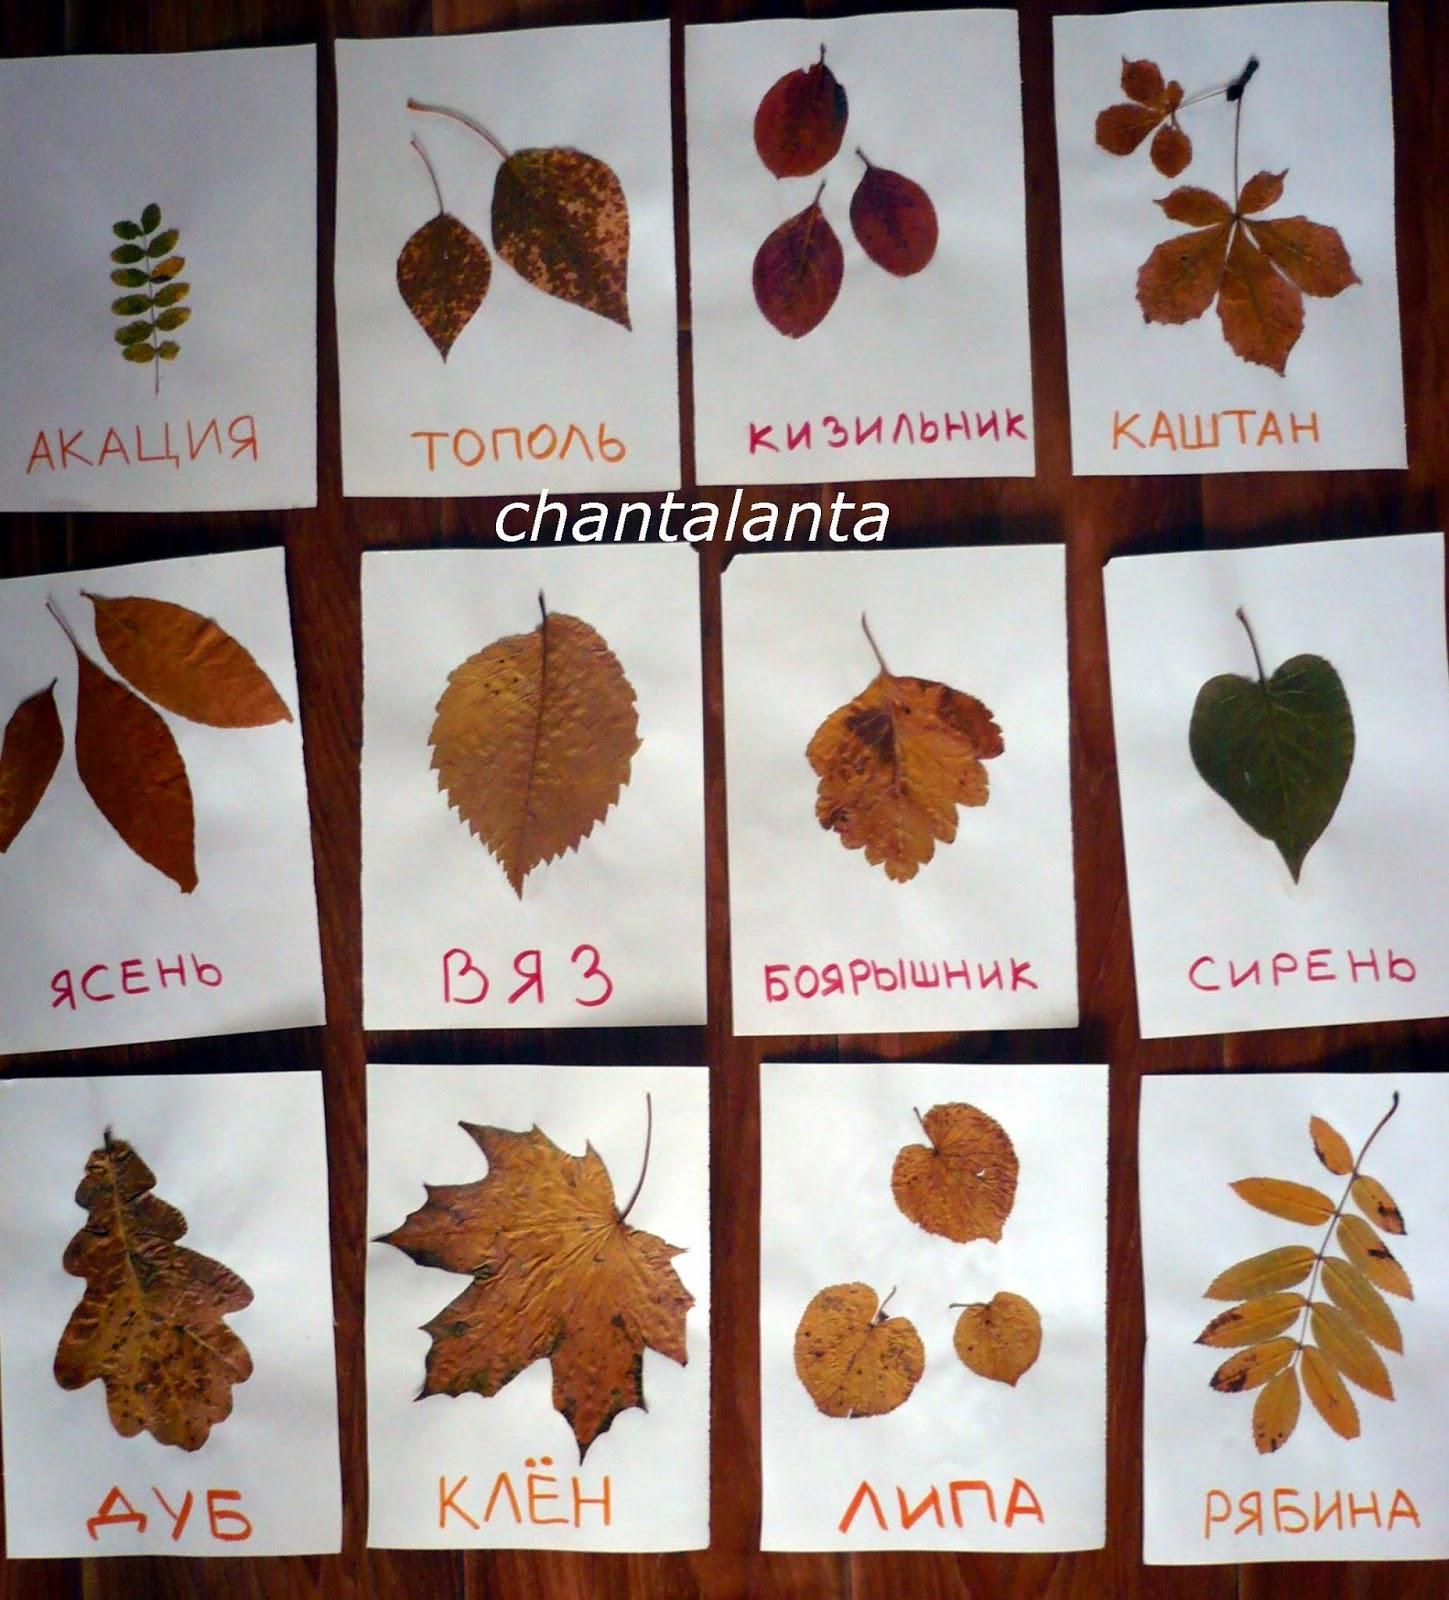 Картинки листьев деревьев и названия